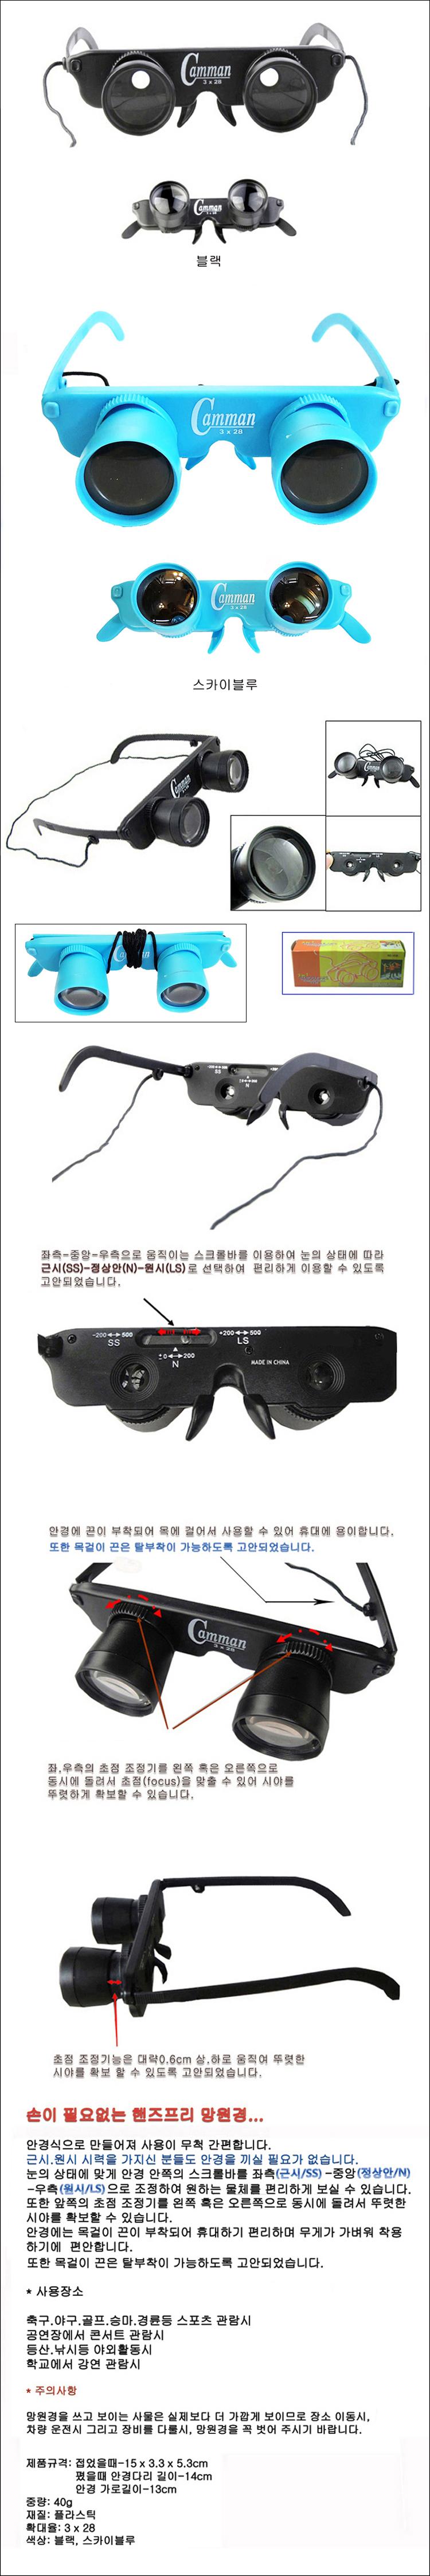 캠맨 핸즈프리 안경 망원경 - 라베끄, 9,000원, 공구/잡화, 쌍안경/망원경